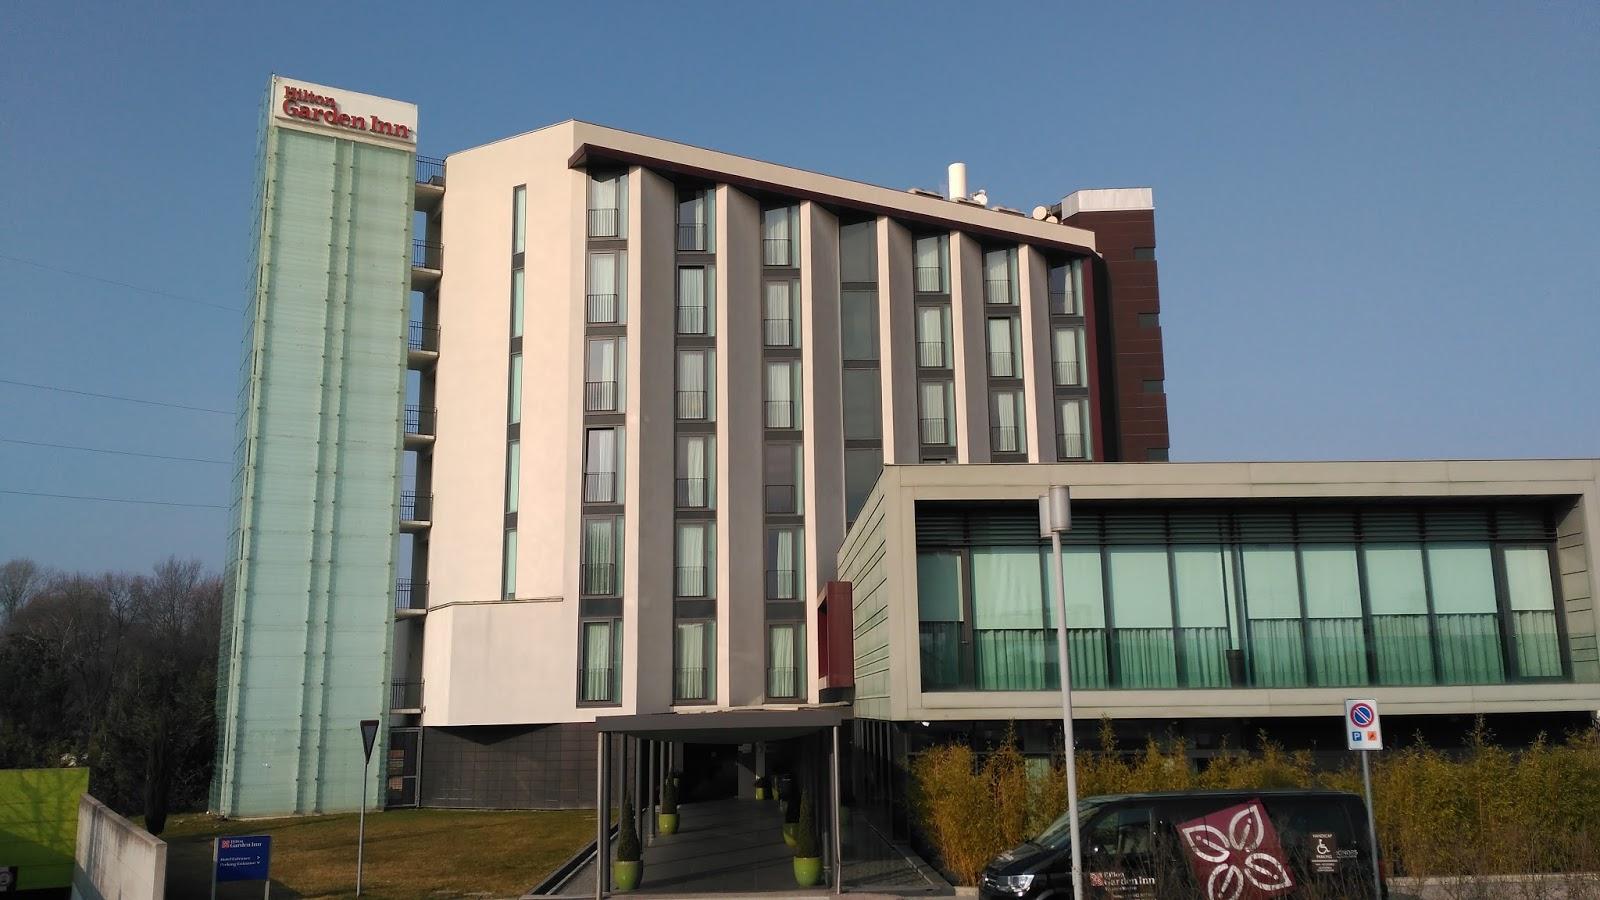 De lo bueno, lo mejor: HOTEL HILTON GARDEN INN VENECIA ...